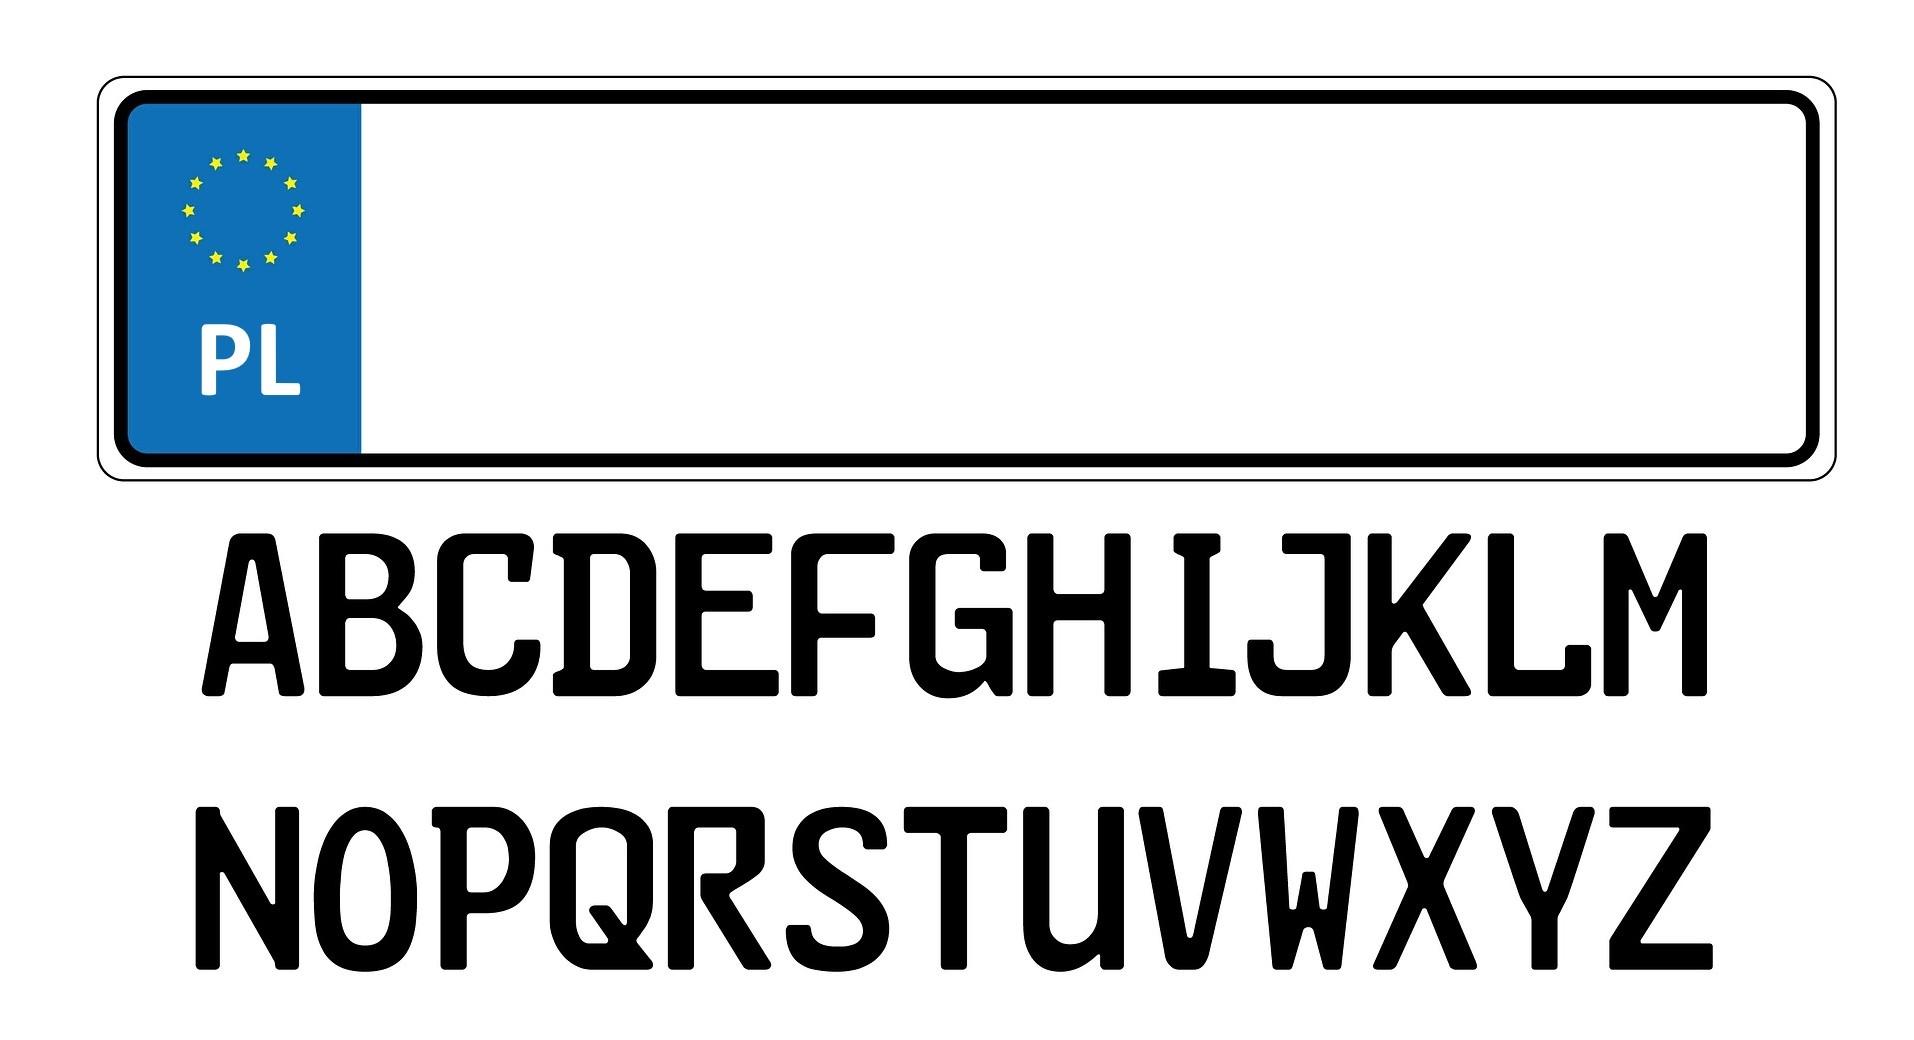 Oznaczenia polskich tablic rejestracyjnych